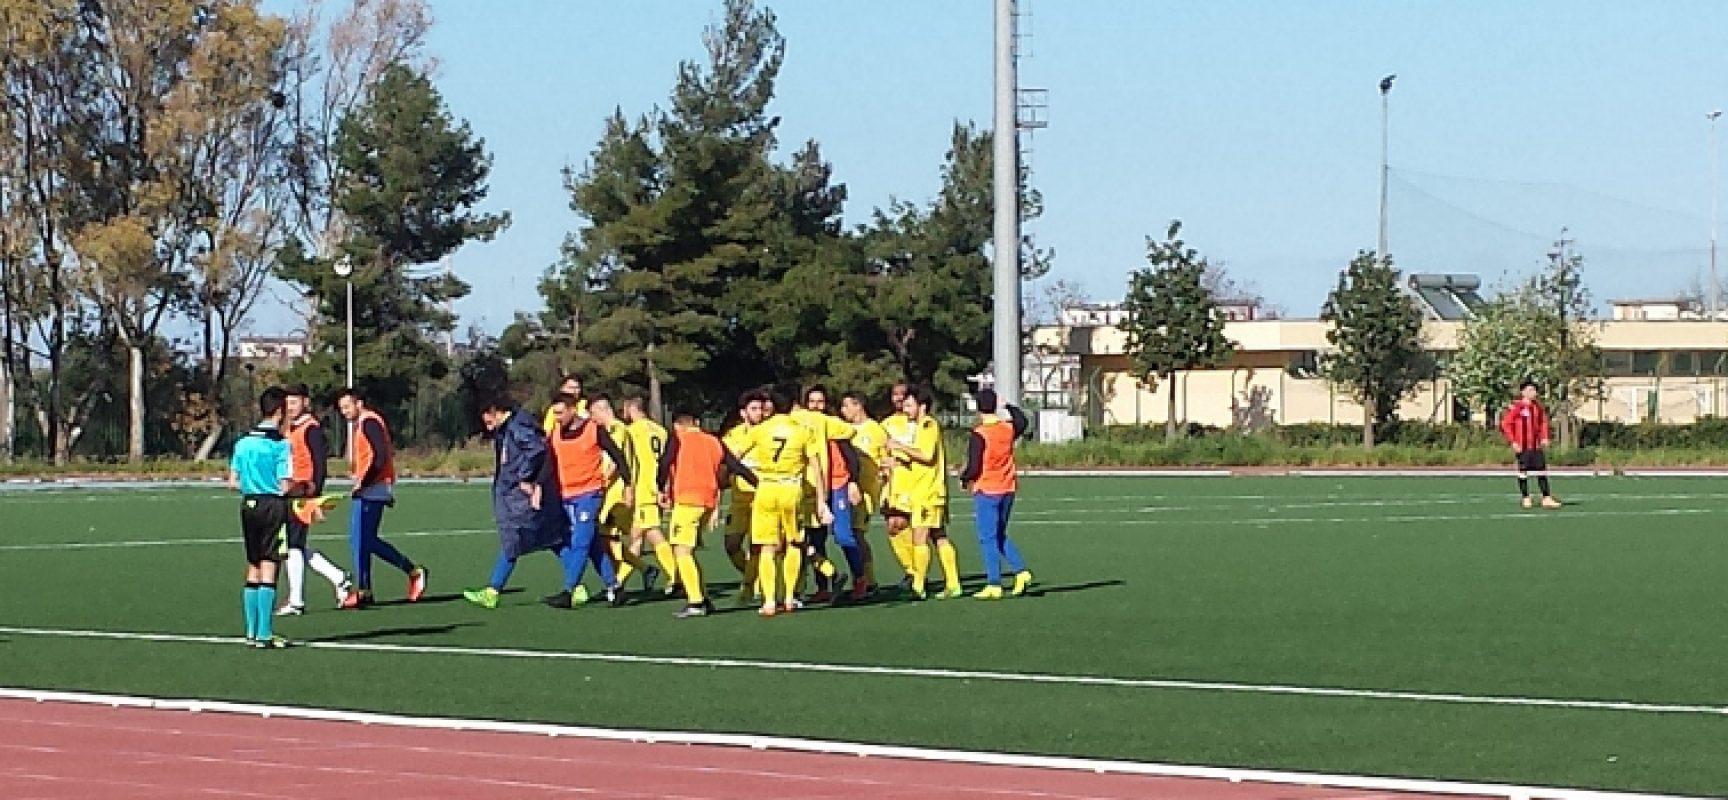 Unione Calcio, importante vittoria in chiave salvezza contro il Noicattaro